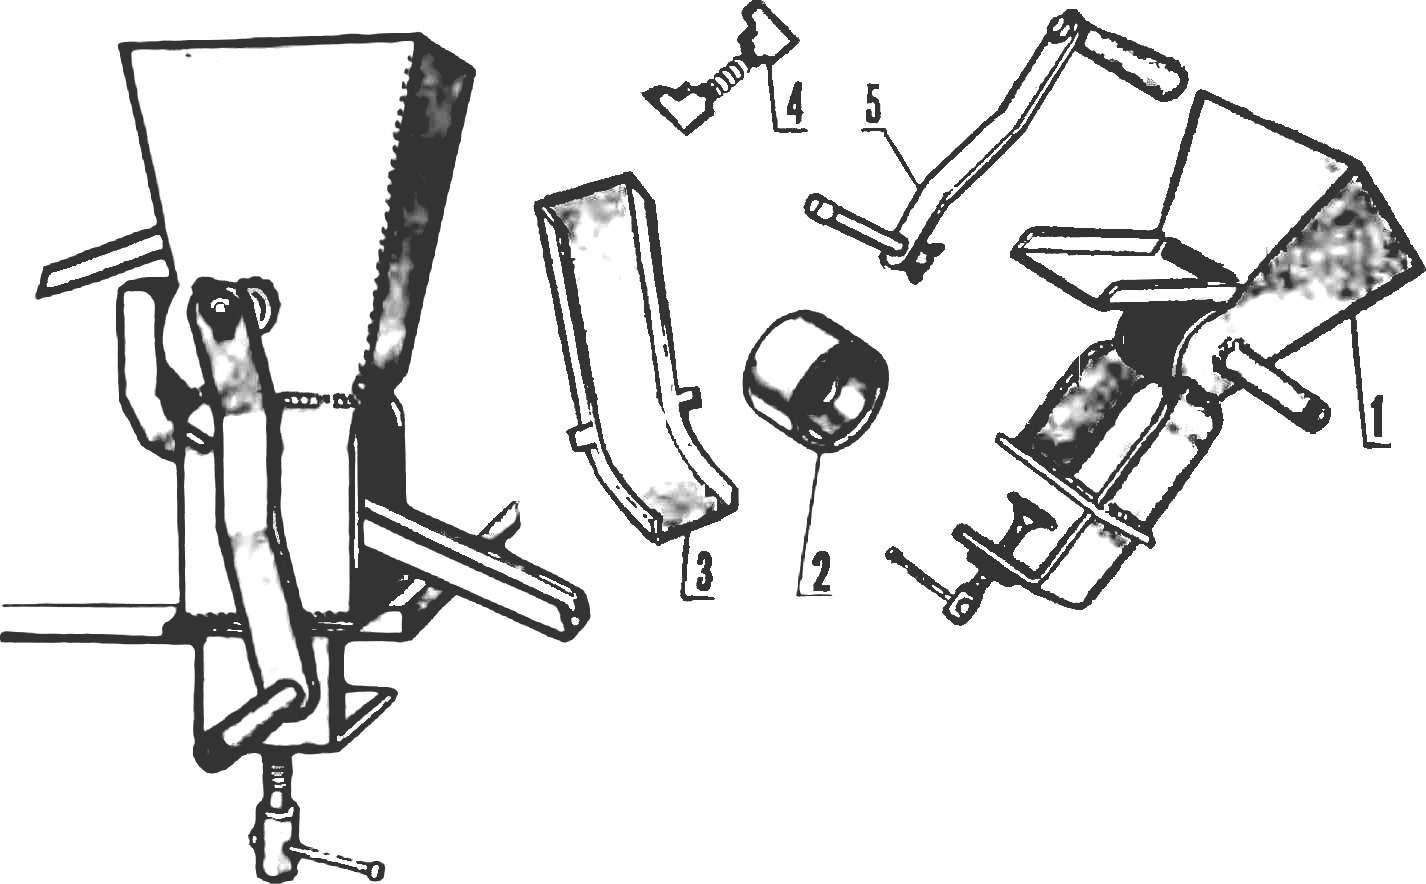 Рис. 1. Соковыжималка и ее основные части.